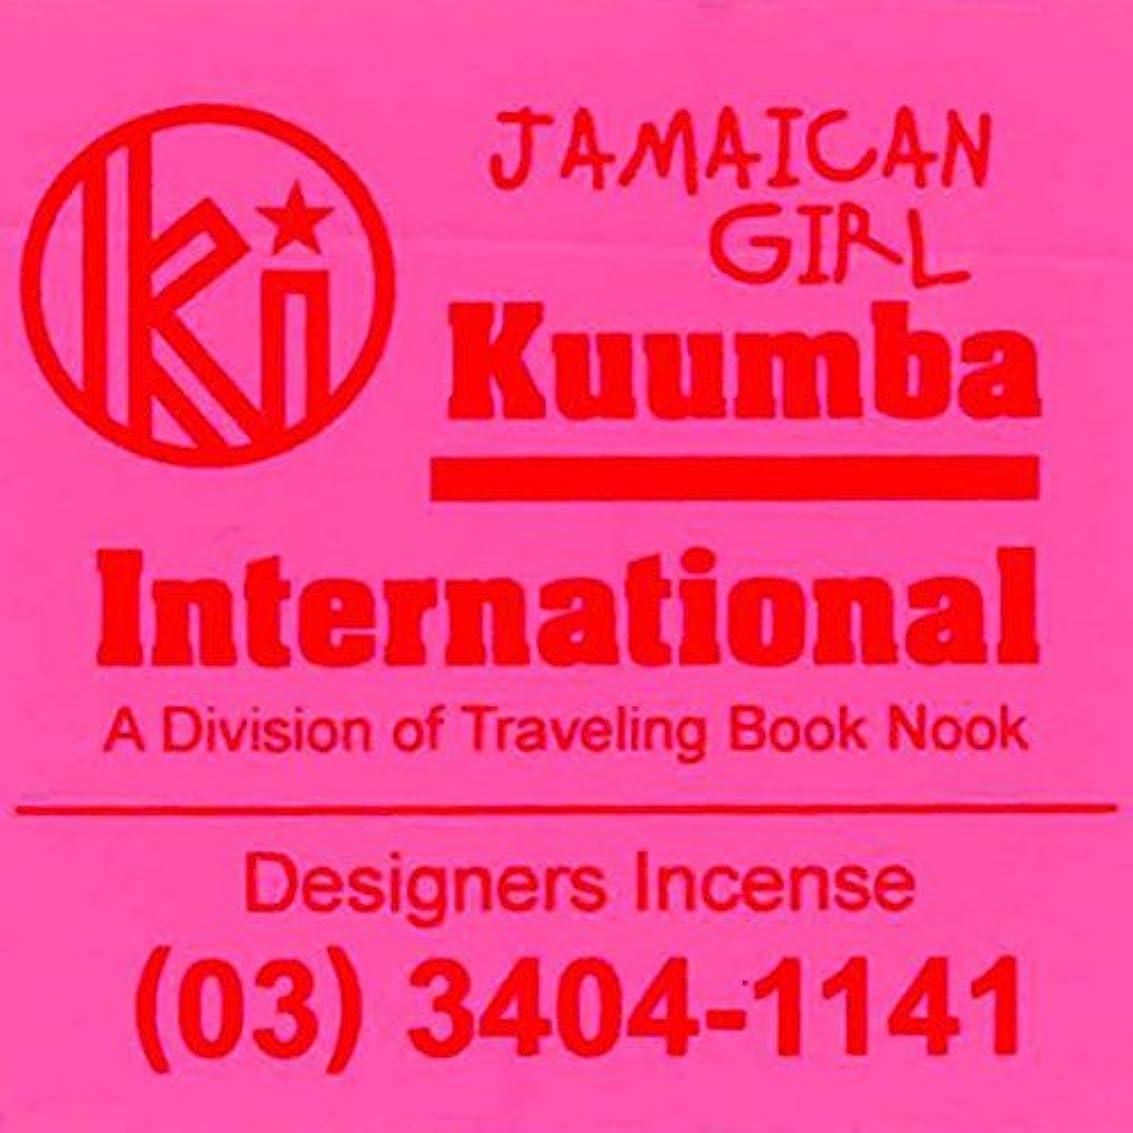 あいさつゲート標高KUUMBA/クンバ『incense』(JAMAICAN GIRL ジャマイカンガール)(Mini size)